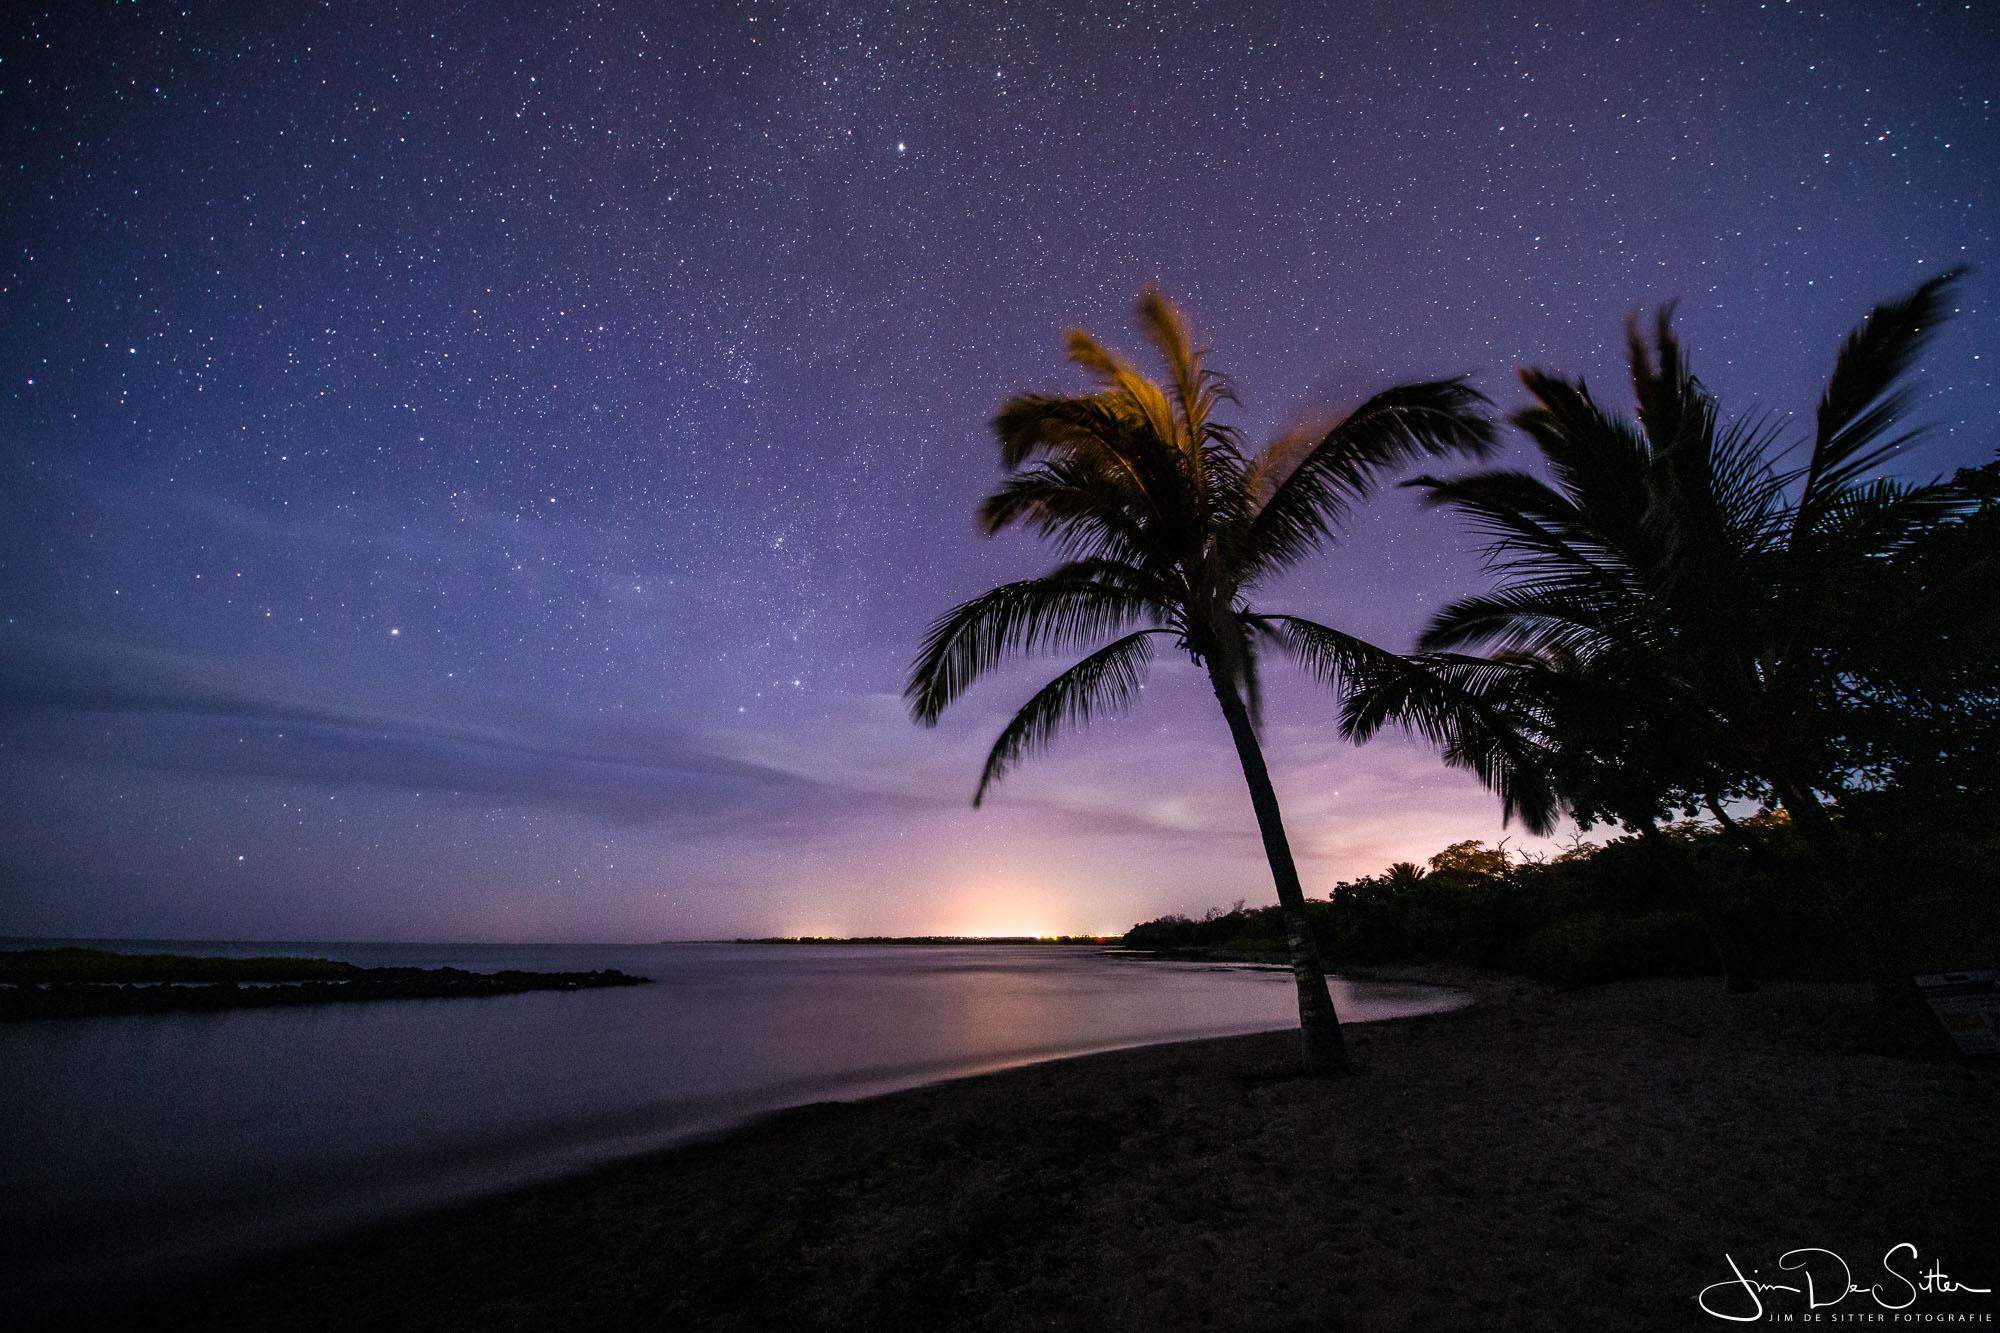 Landschapsfoto : Een heldere nacht op het strand in Hawaii